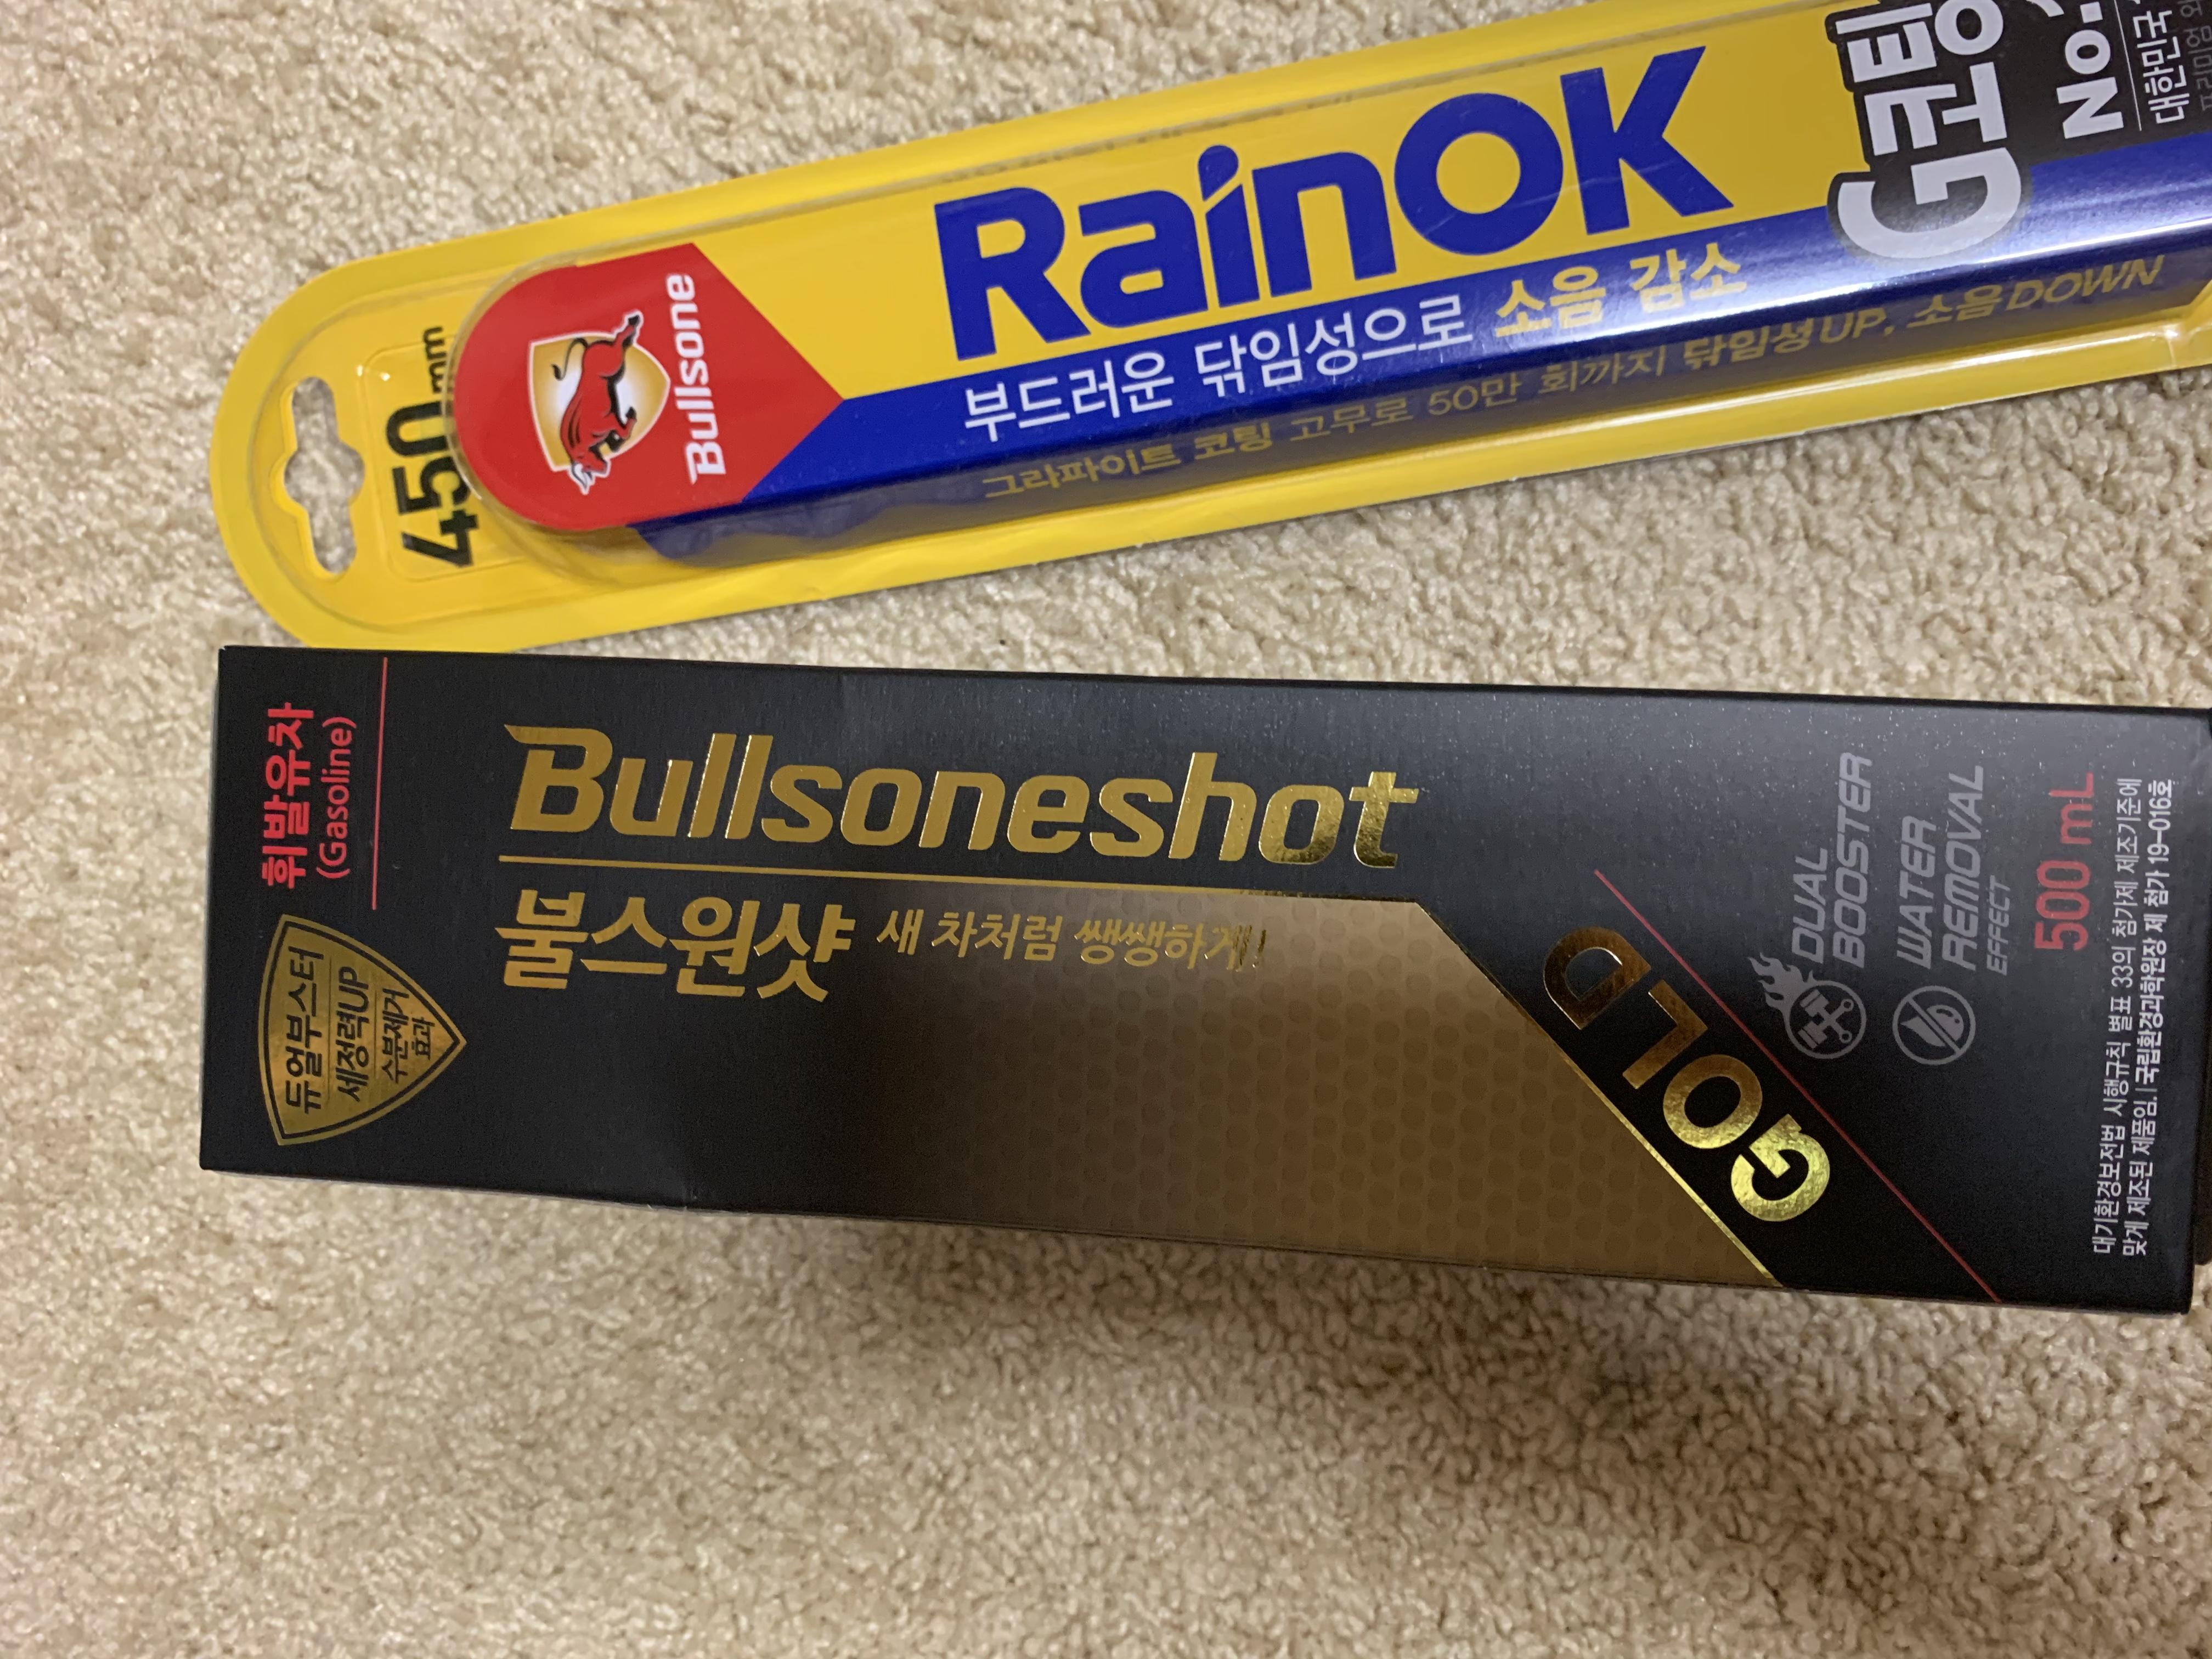 [불스원] 불스원샷 골드 3in1 하이퍼포먼스 500ml 1개입